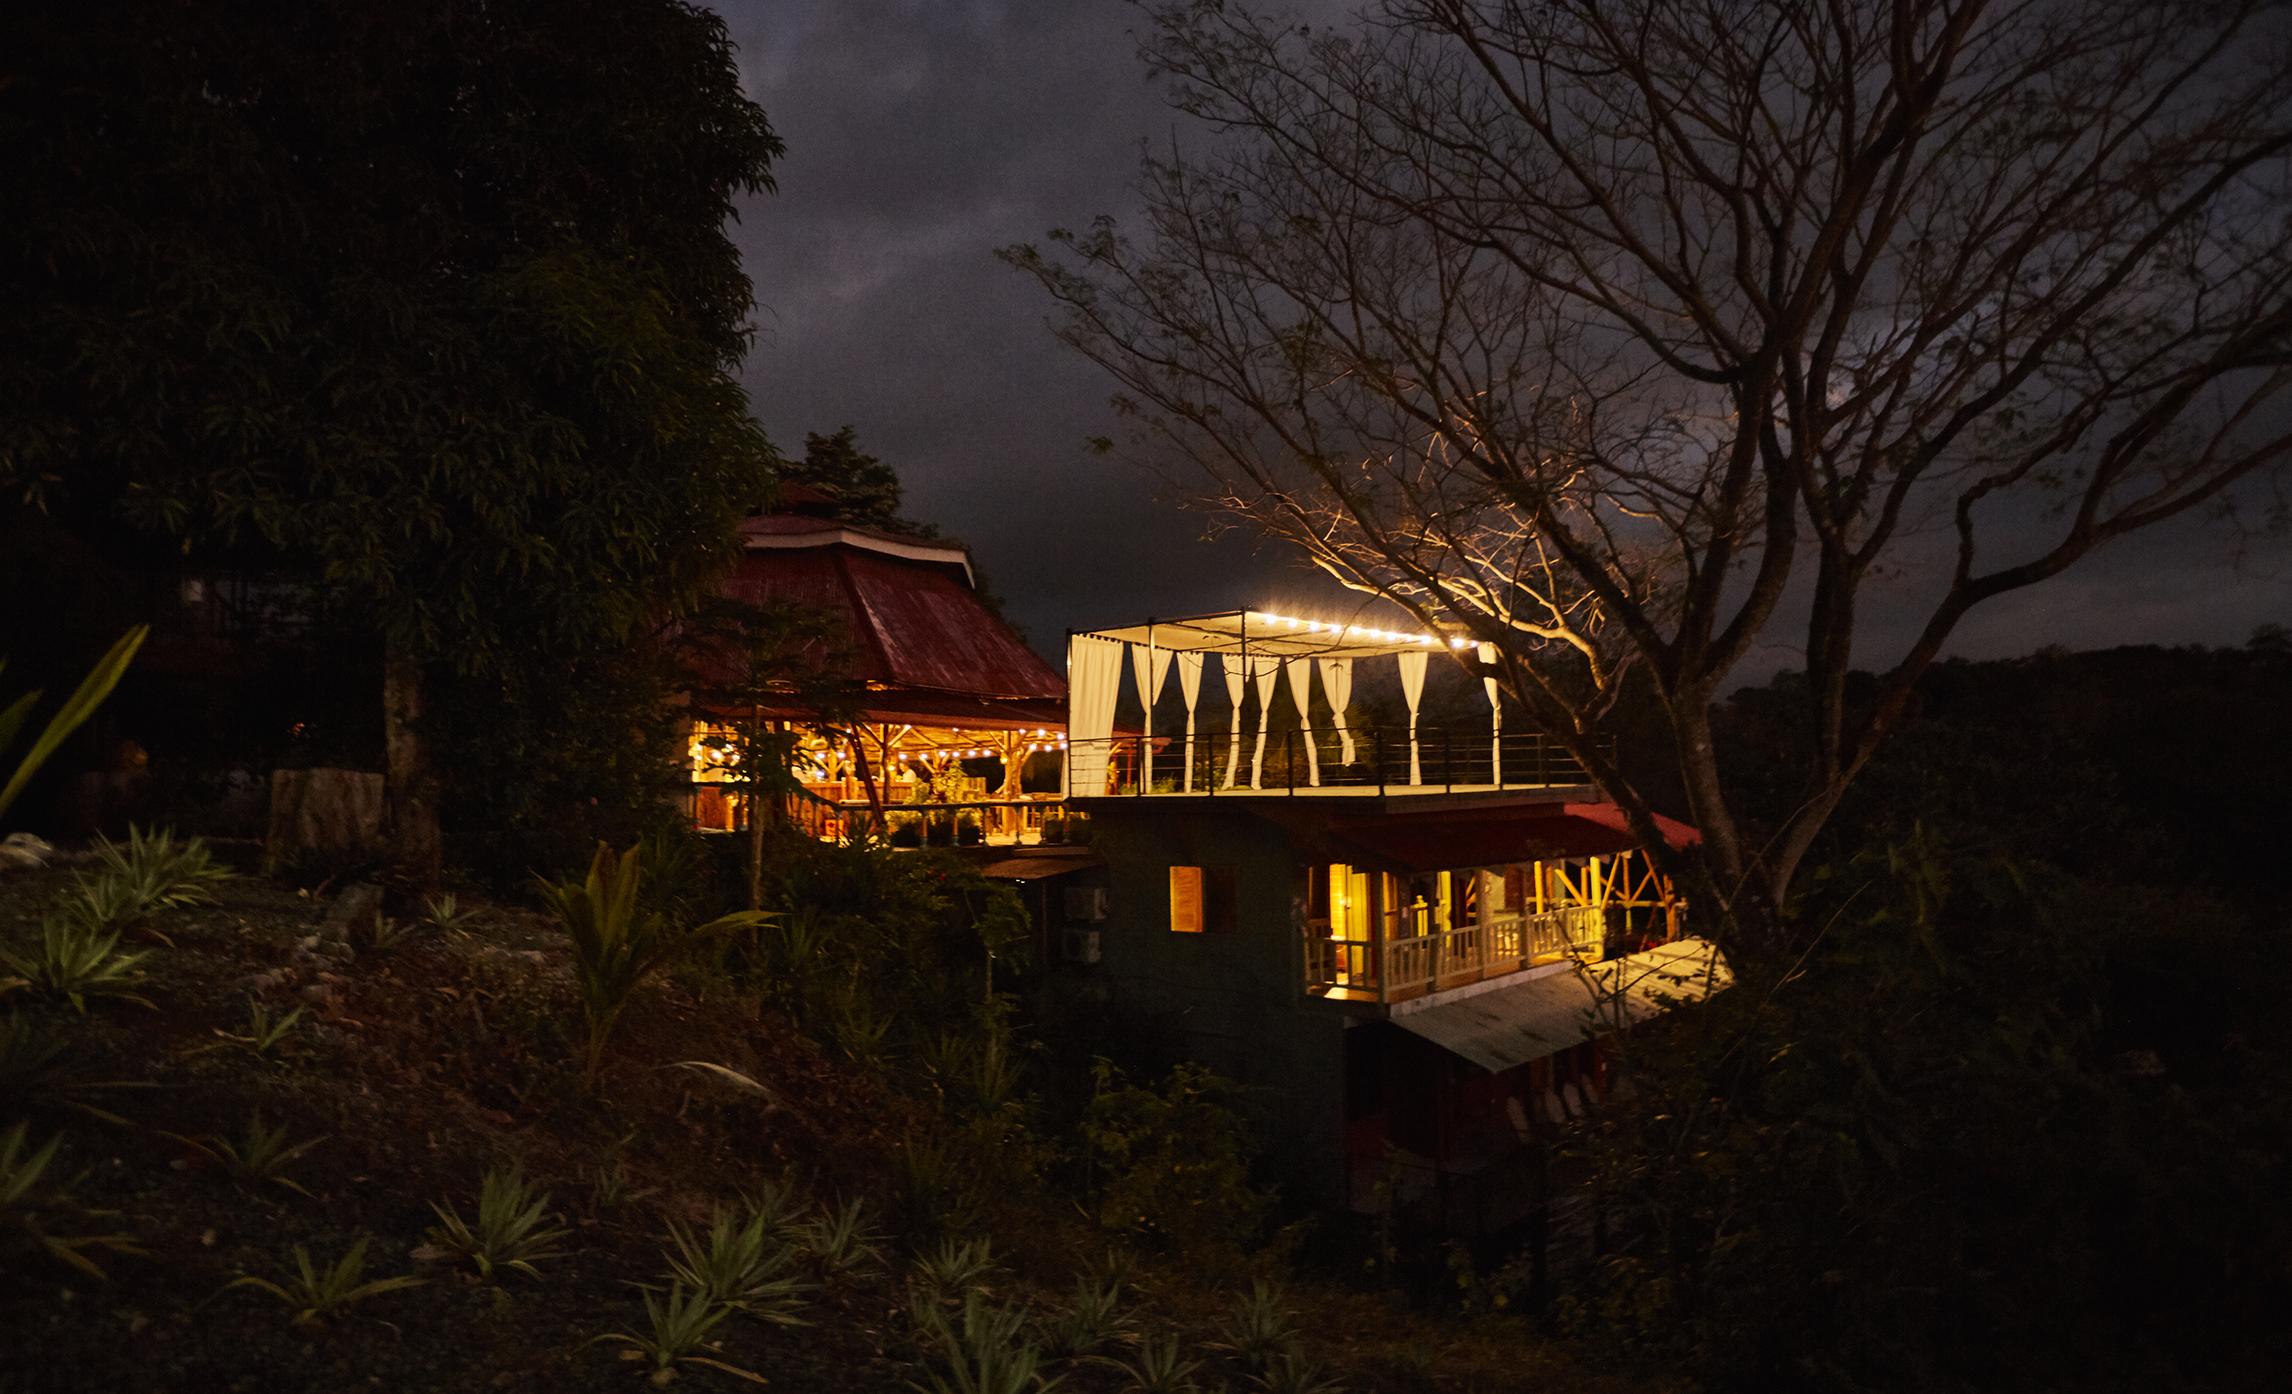 Rayos_Del_Sol_Costa_Rica_PA-RT_night.jpg